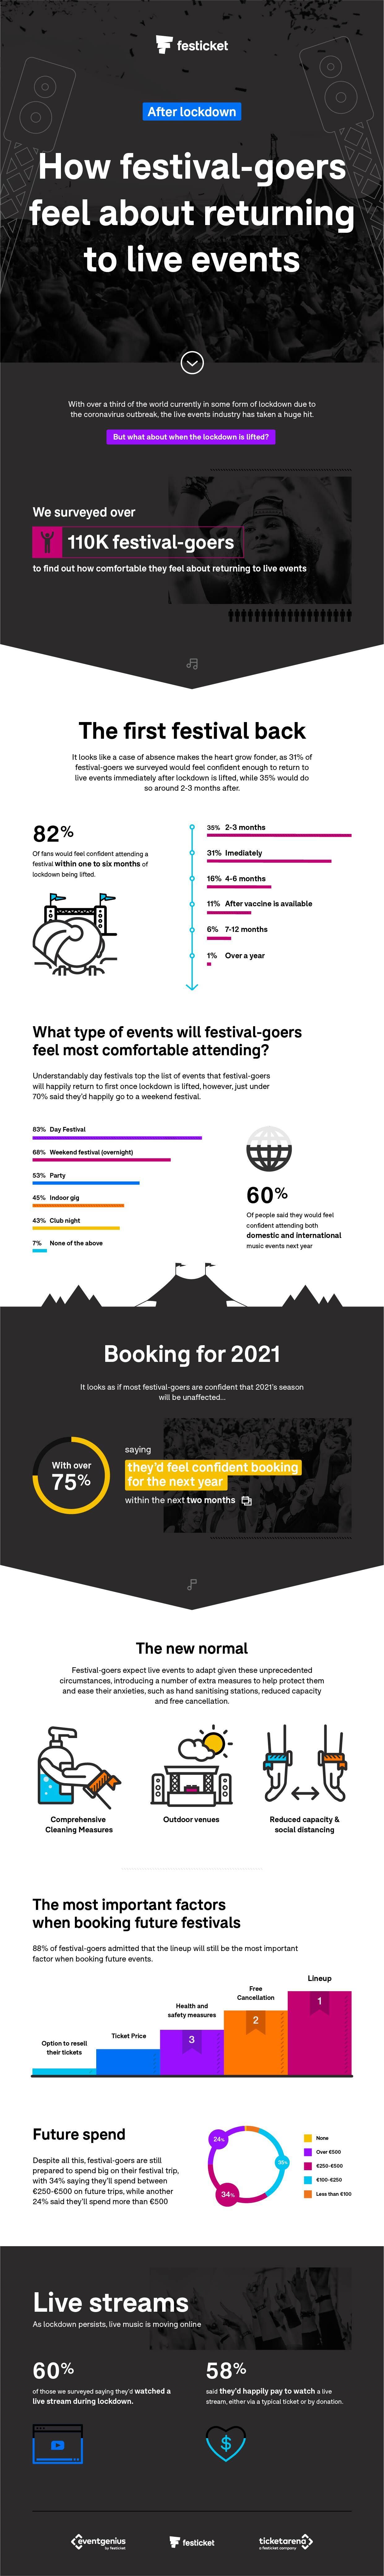 355433 infographic 2020 2a4856 original 1590507039